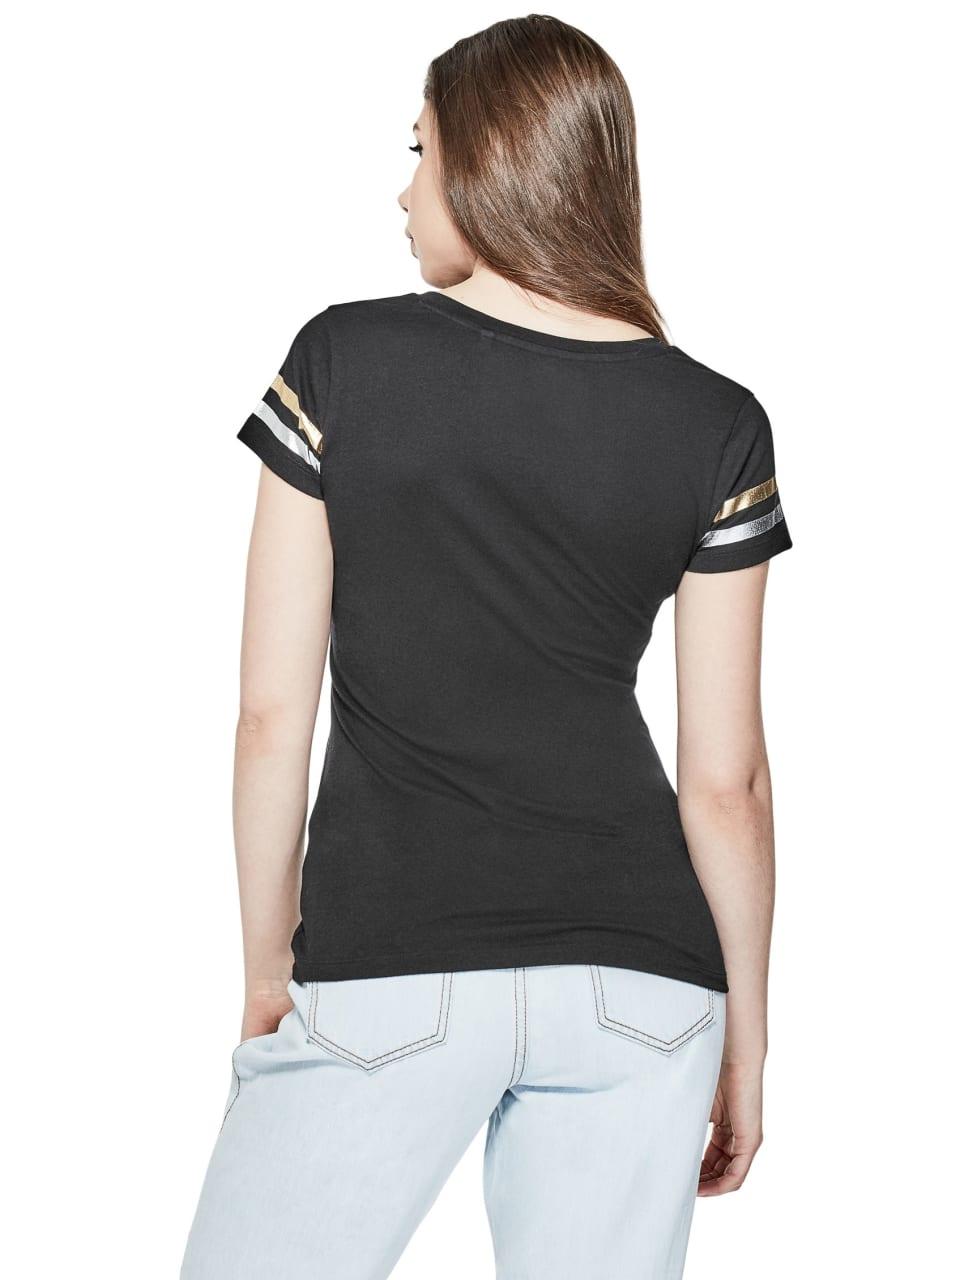 GUESS-Factory-Women-039-s-Orlando-City-Logo-V-Neck-Short-Sleeve-Varsity-Tee thumbnail 8